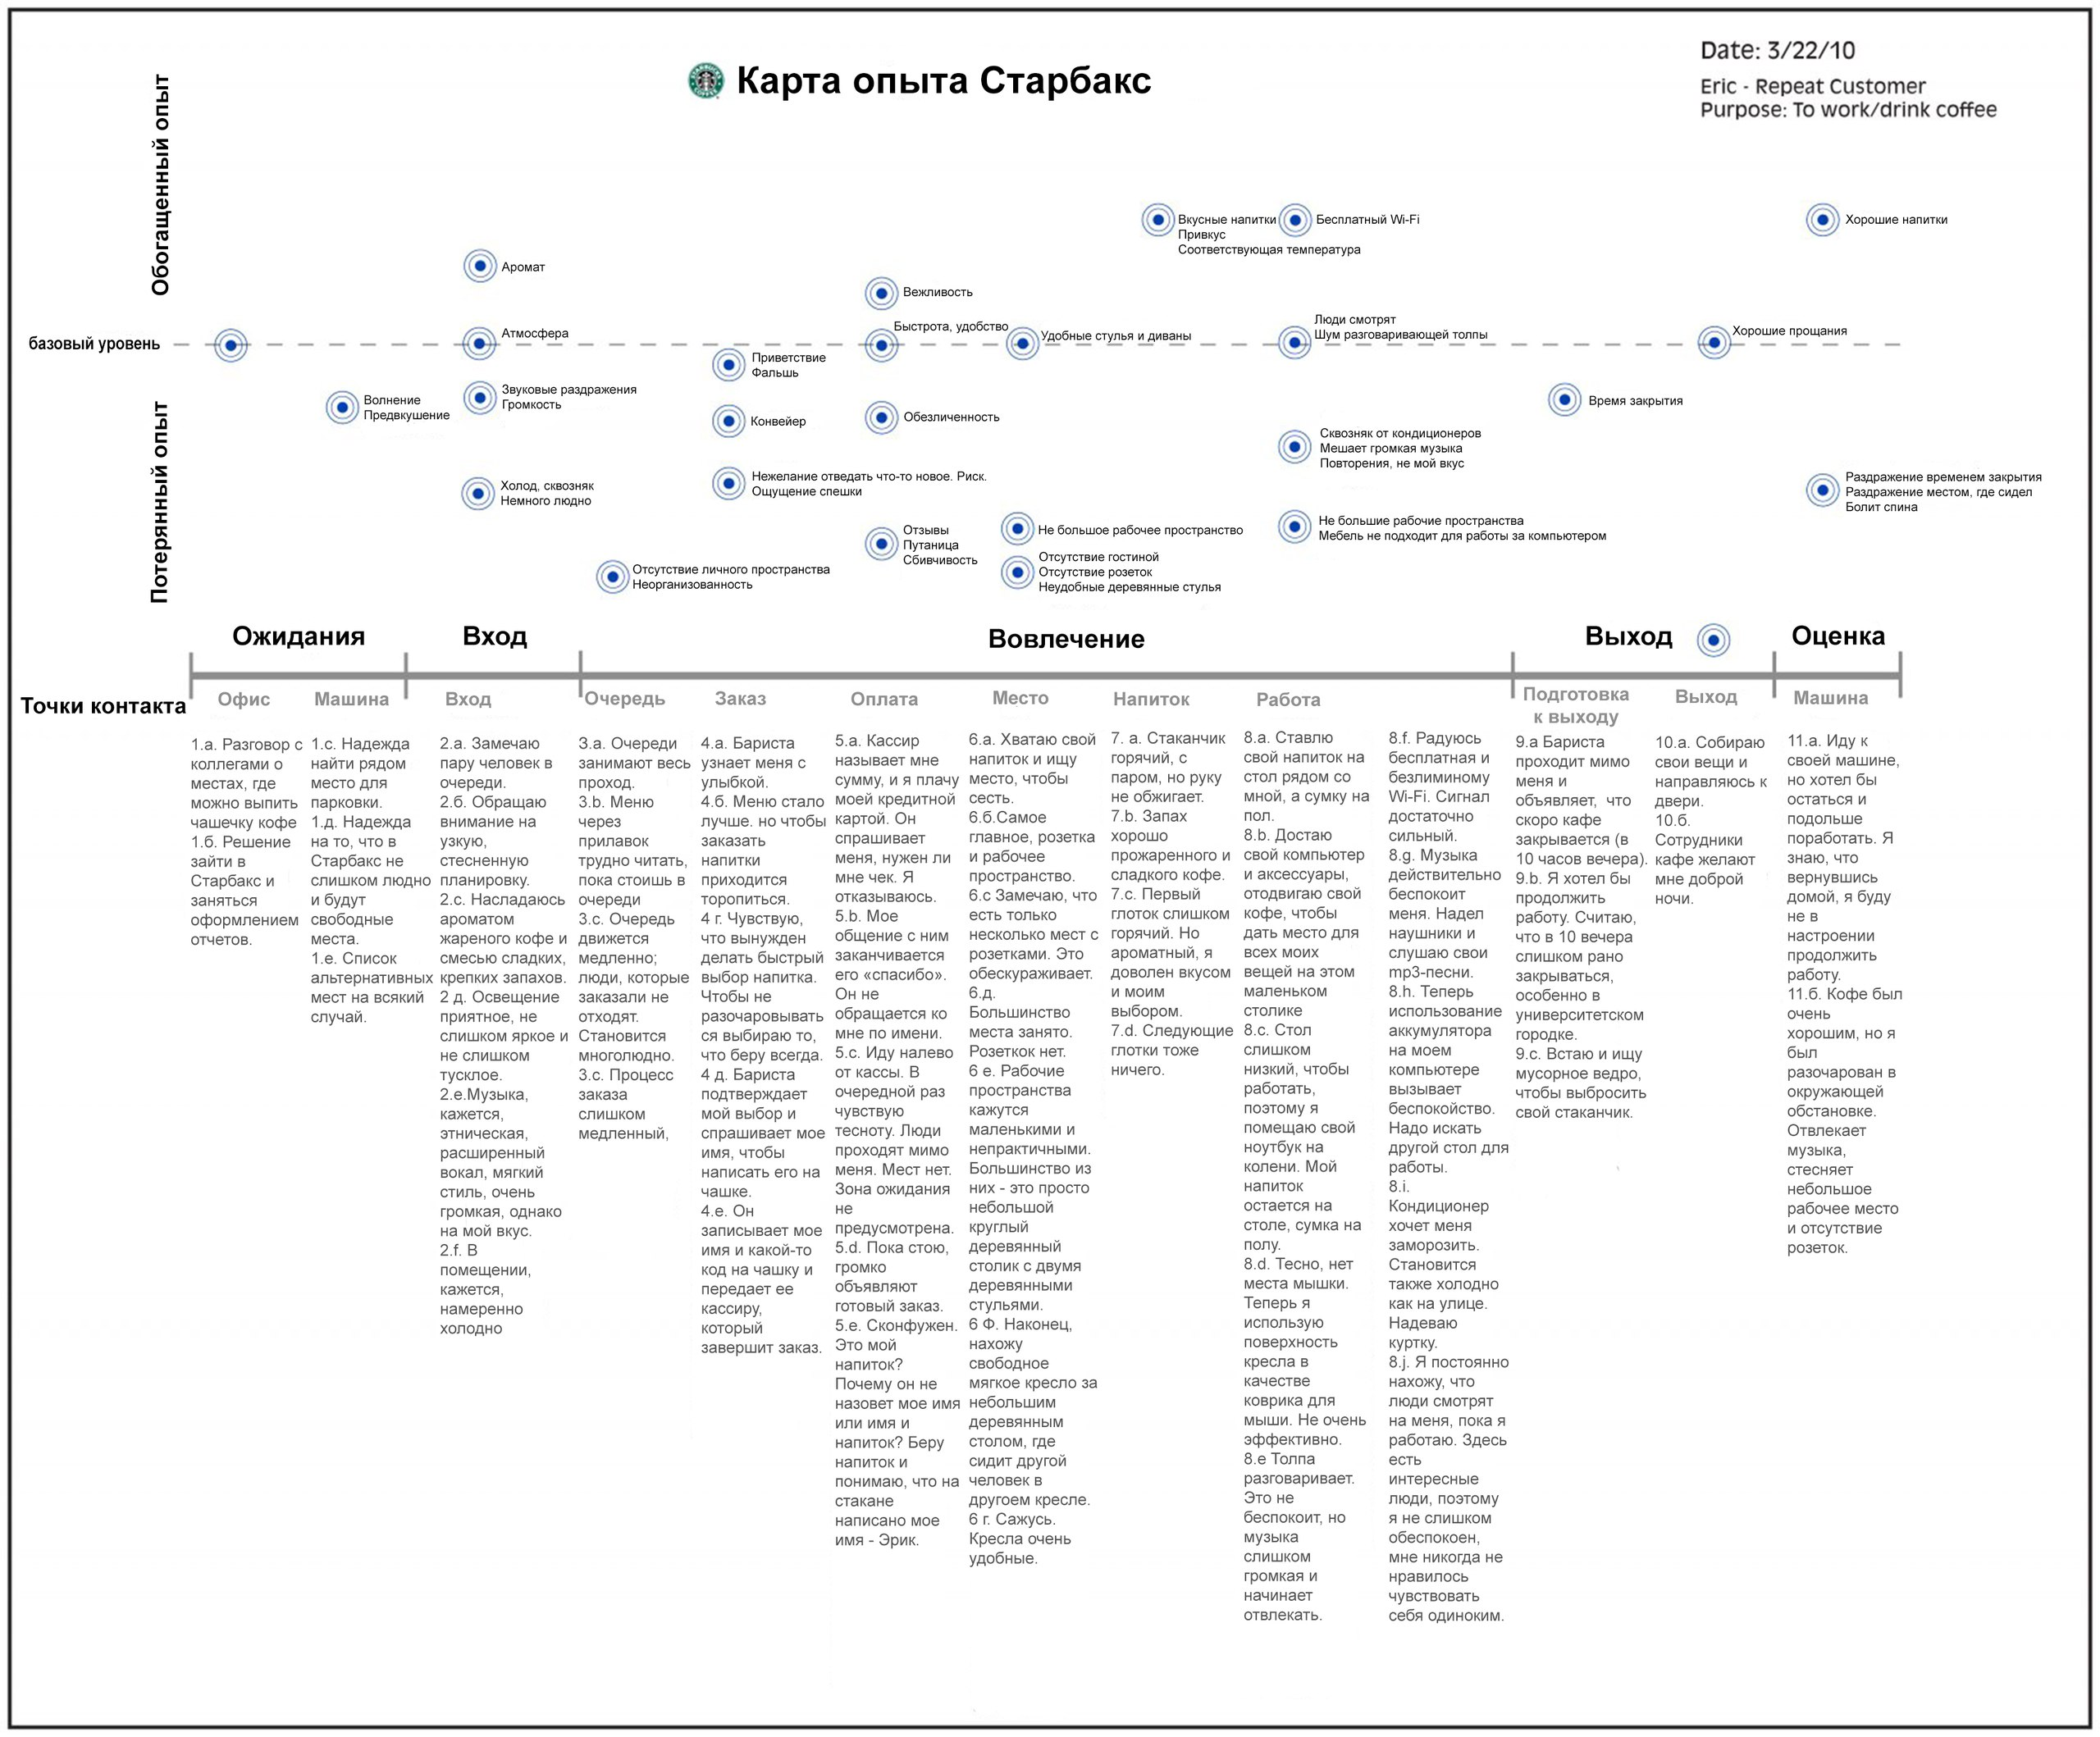 Карта опыта кофейни Старбакс (русский перевод) Aa_oa_10